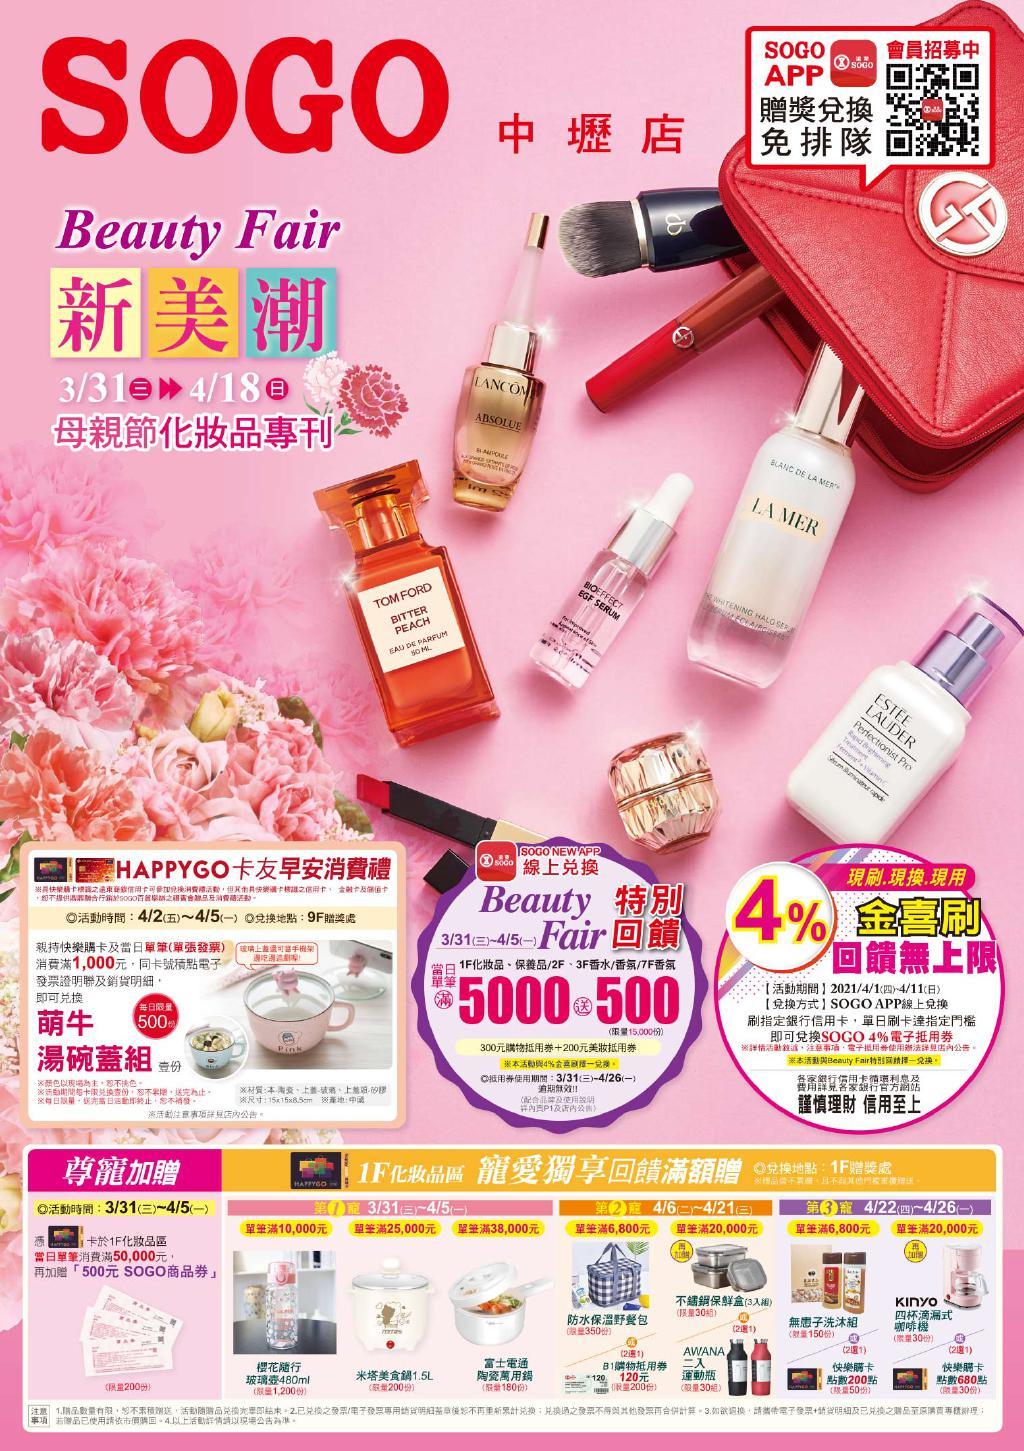 SOGO《中壢店》DM「Beauty Fair 新美潮 母親節化妝品專刊」【2021/4/18 止】